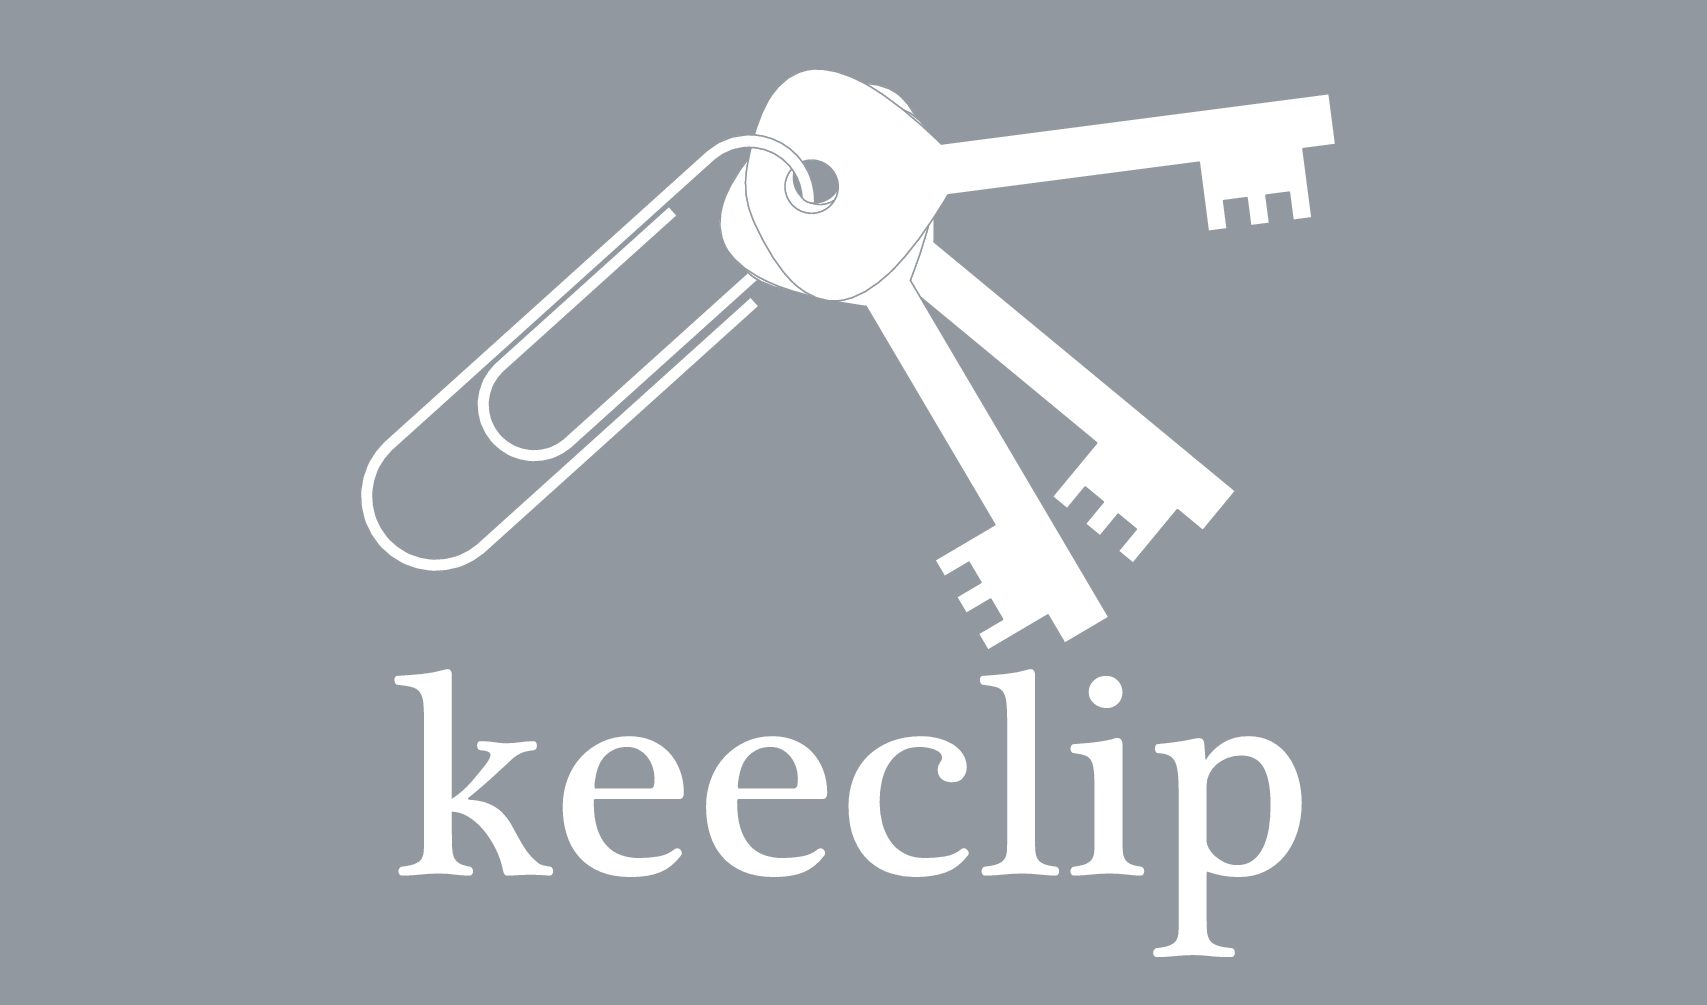 大切なモノ・コトを留めるブログ、keeclip(キークリップ )です。